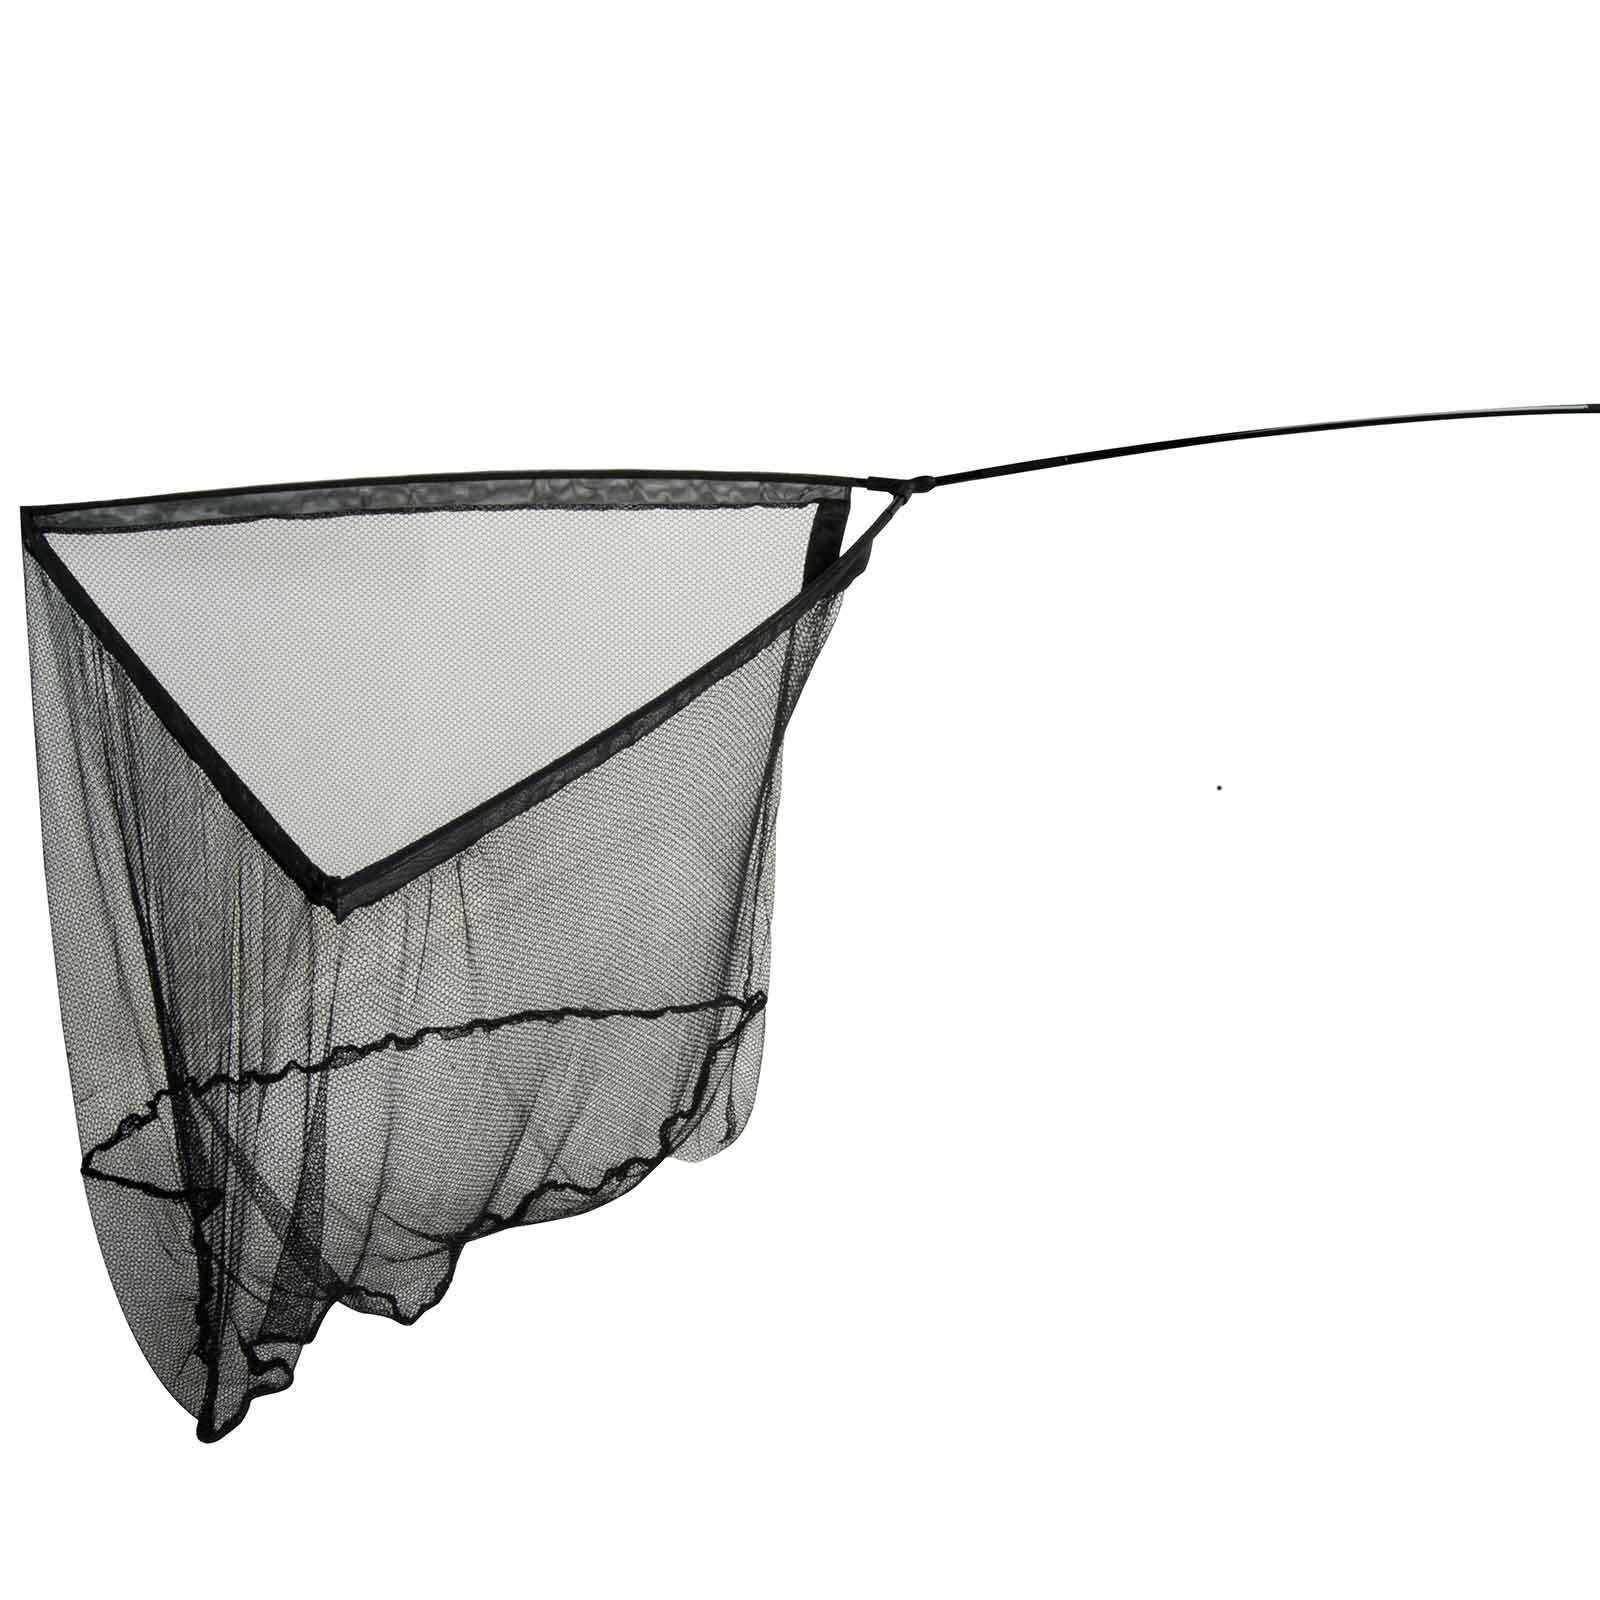 Chub Karpfenkescher Kescher angeln Karpfen -  RS-Plus 42in. Landing Net